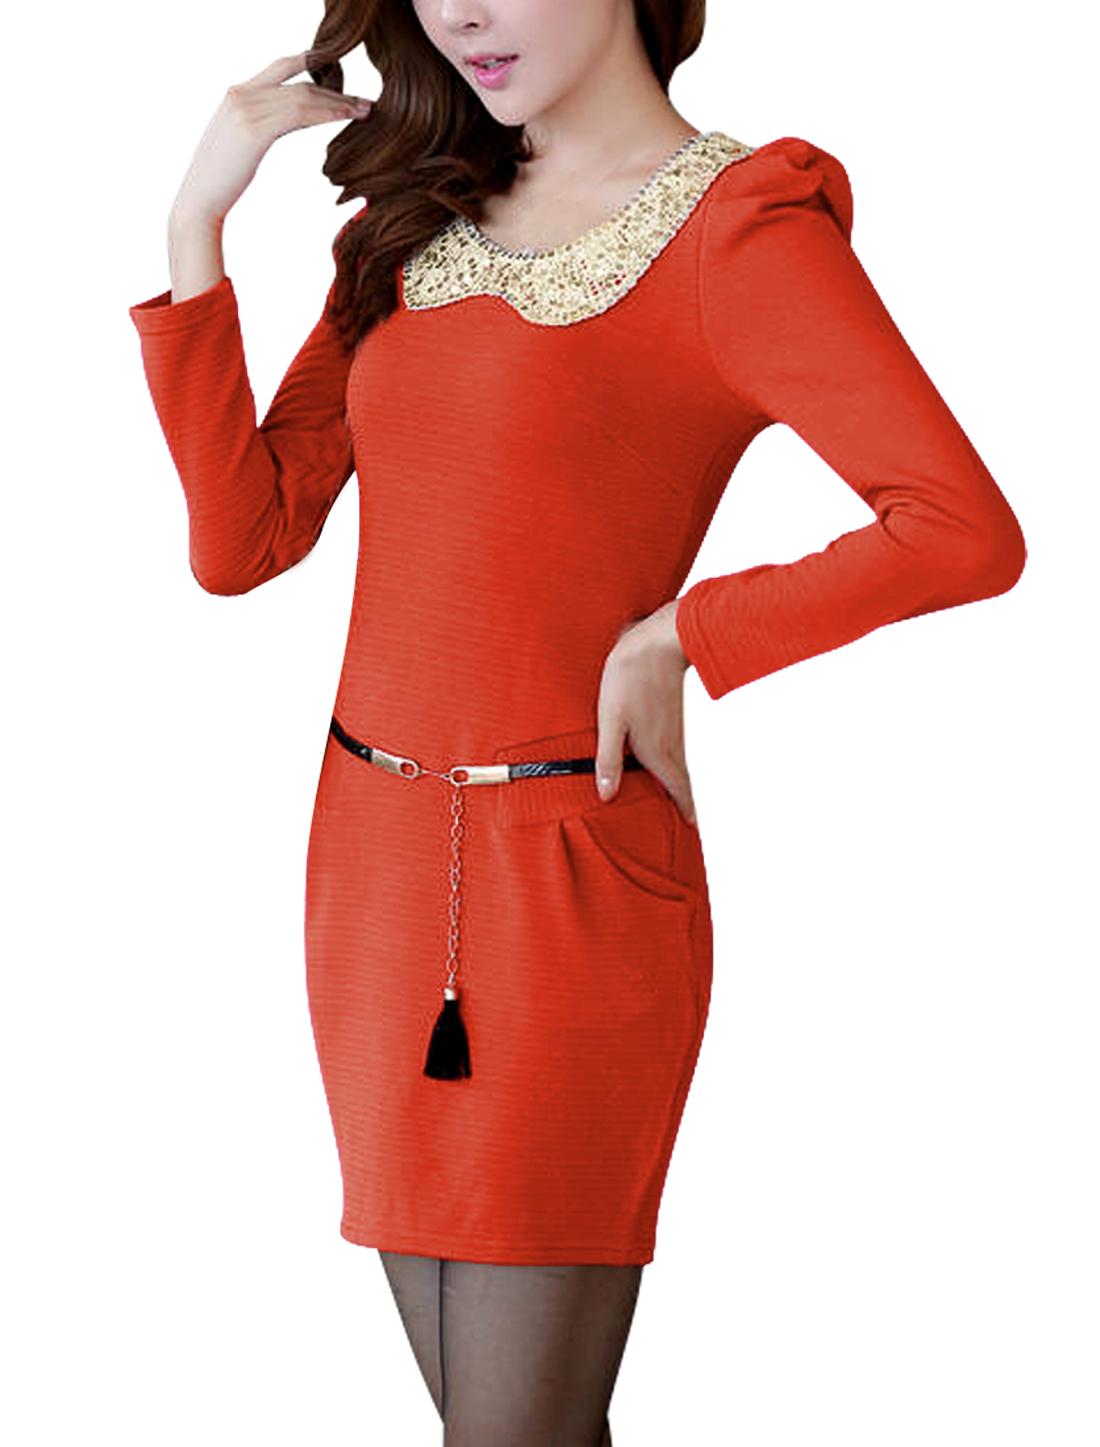 Women Scoop Neck Sequins Decor w Belt Orange Knit Pencil Dress XS